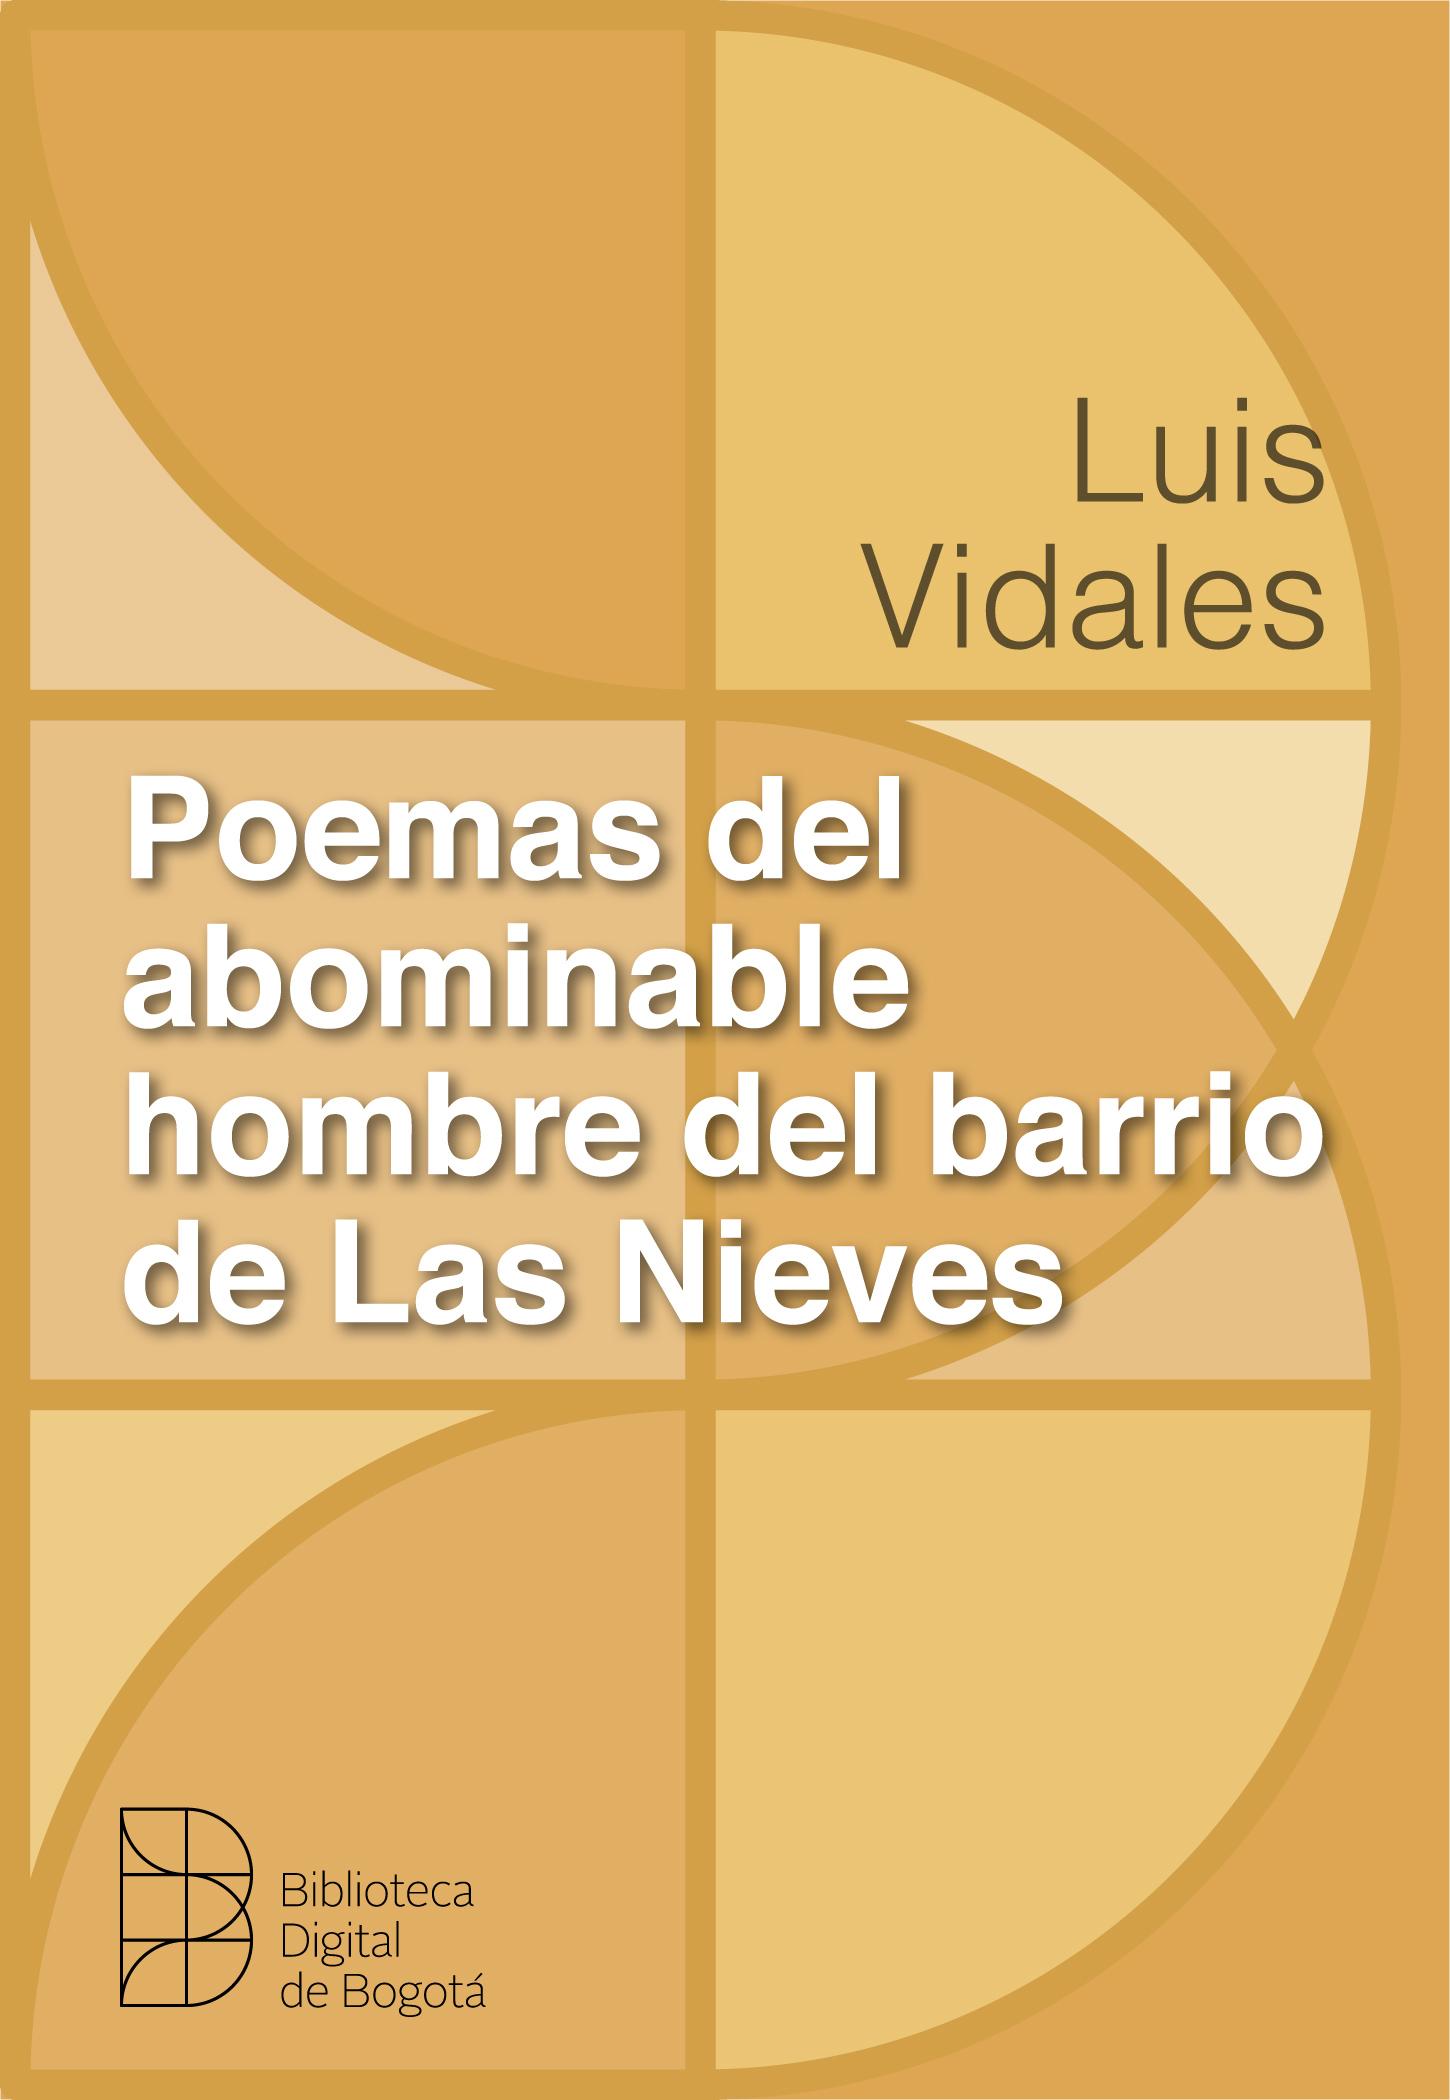 Imagen de apoyo de  Poemas del abominable hombre del barrio Las Nieves